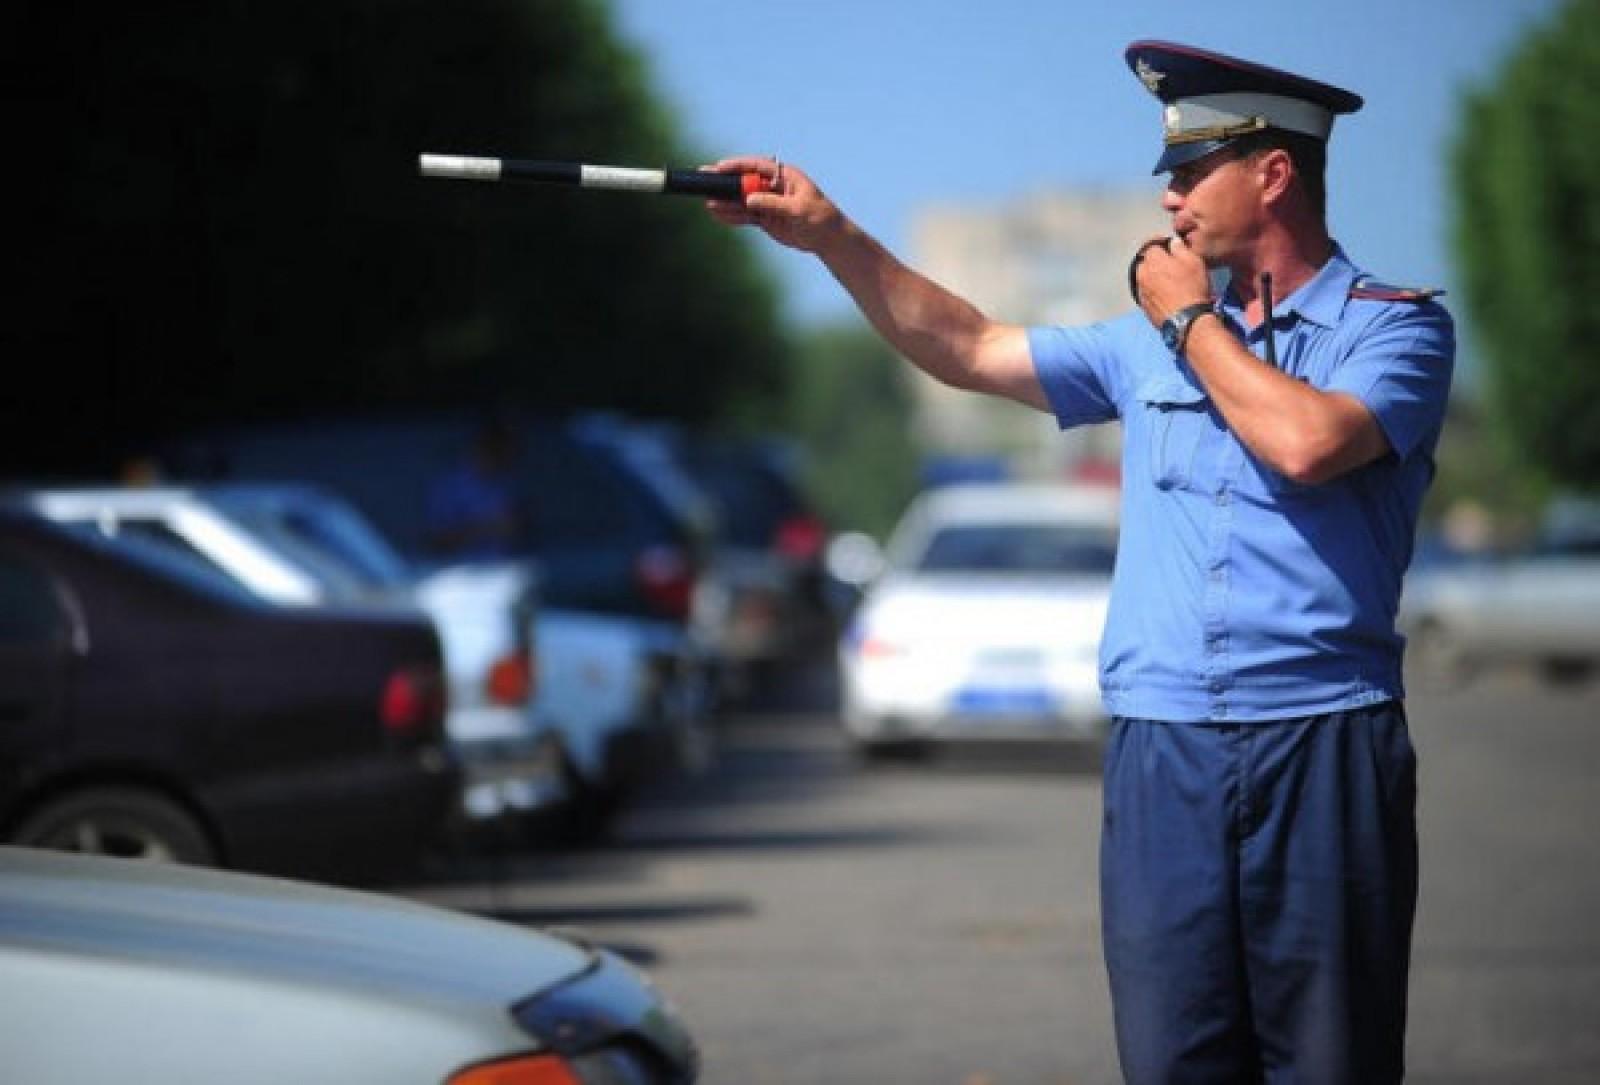 Конкурс для полицейского водителя